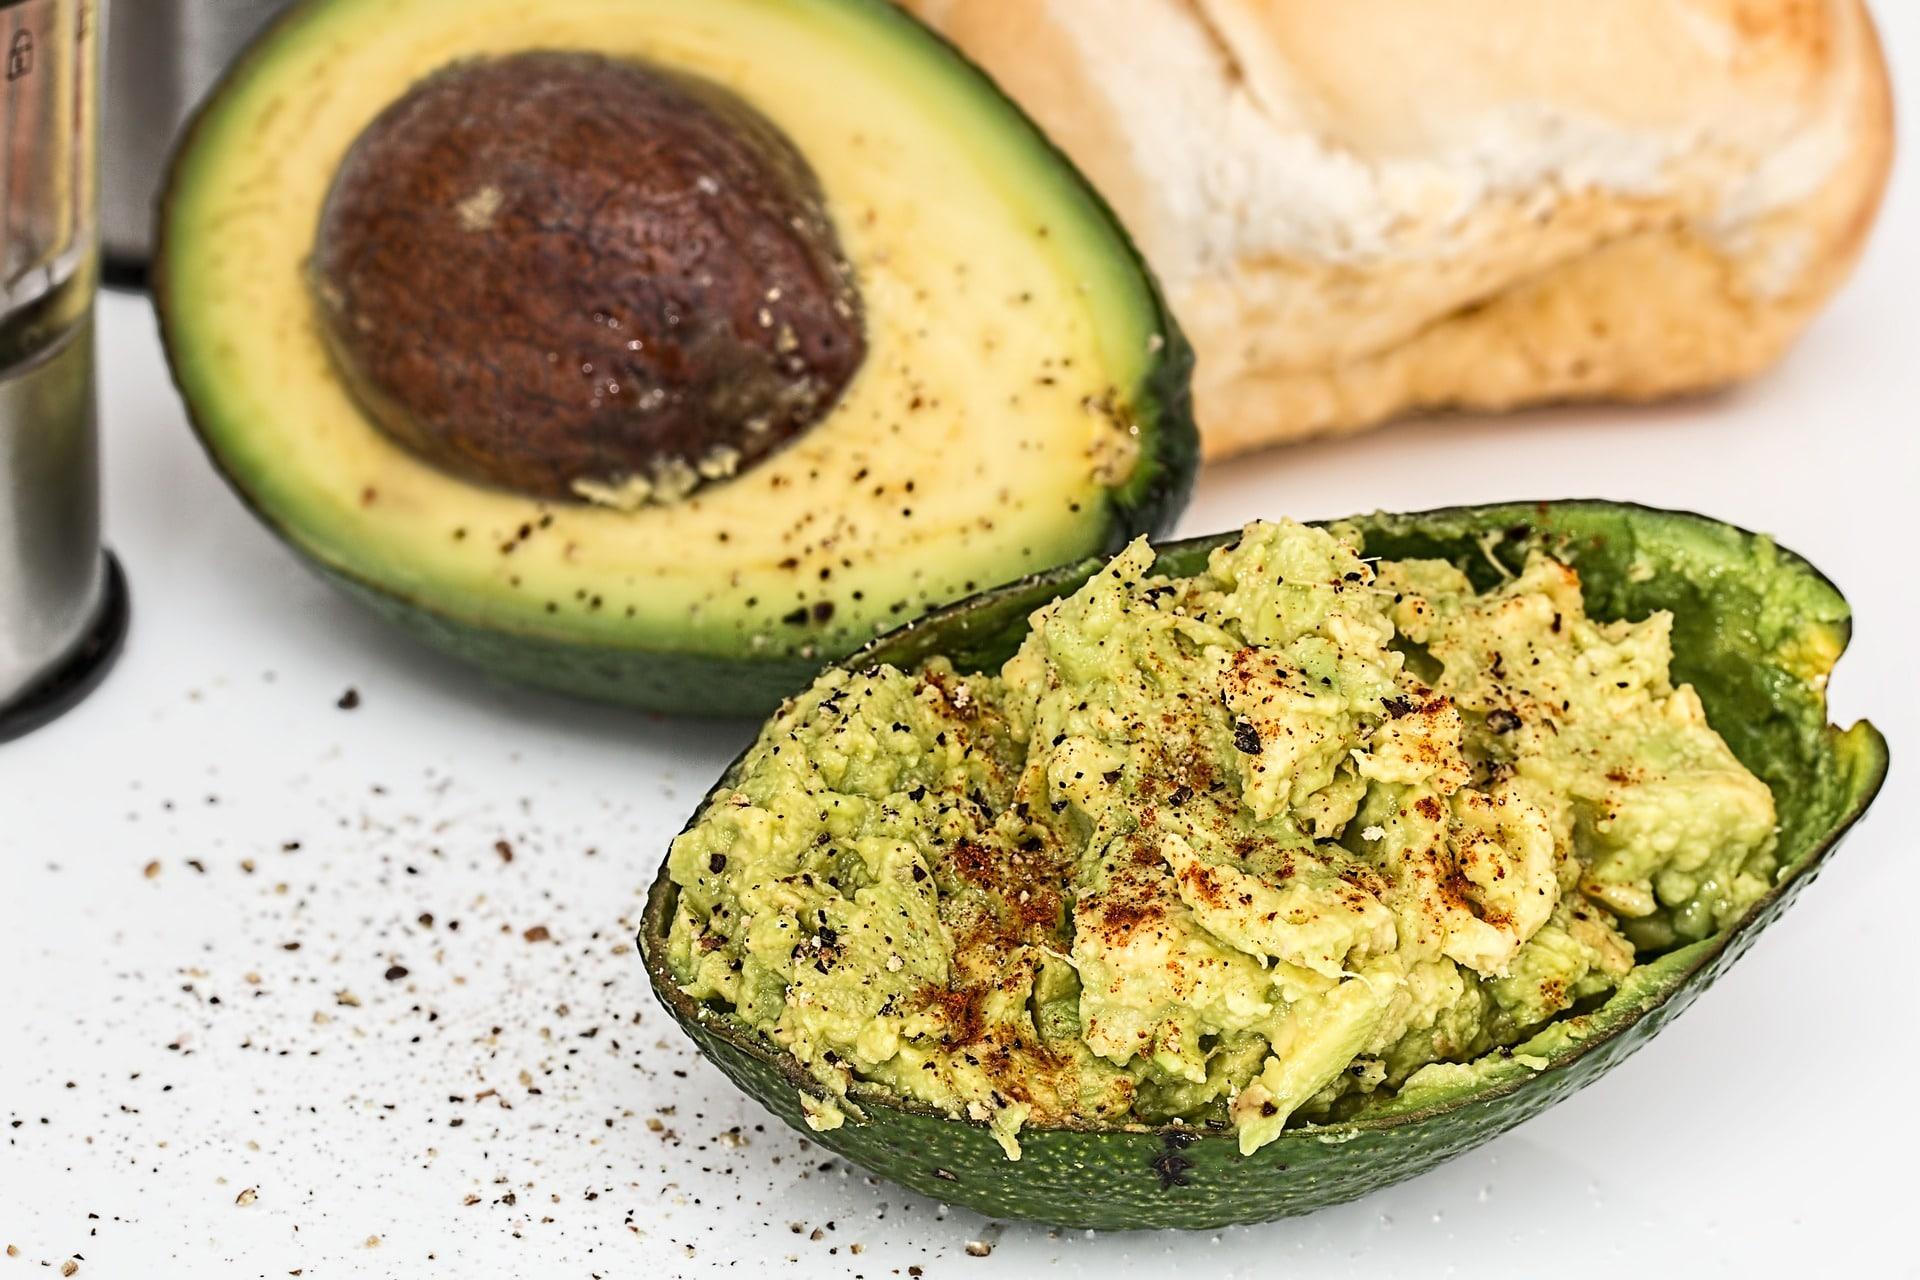 Avokádo je dietní potravina a ideální zdroj zdravých tuků / foto: pixabay.com